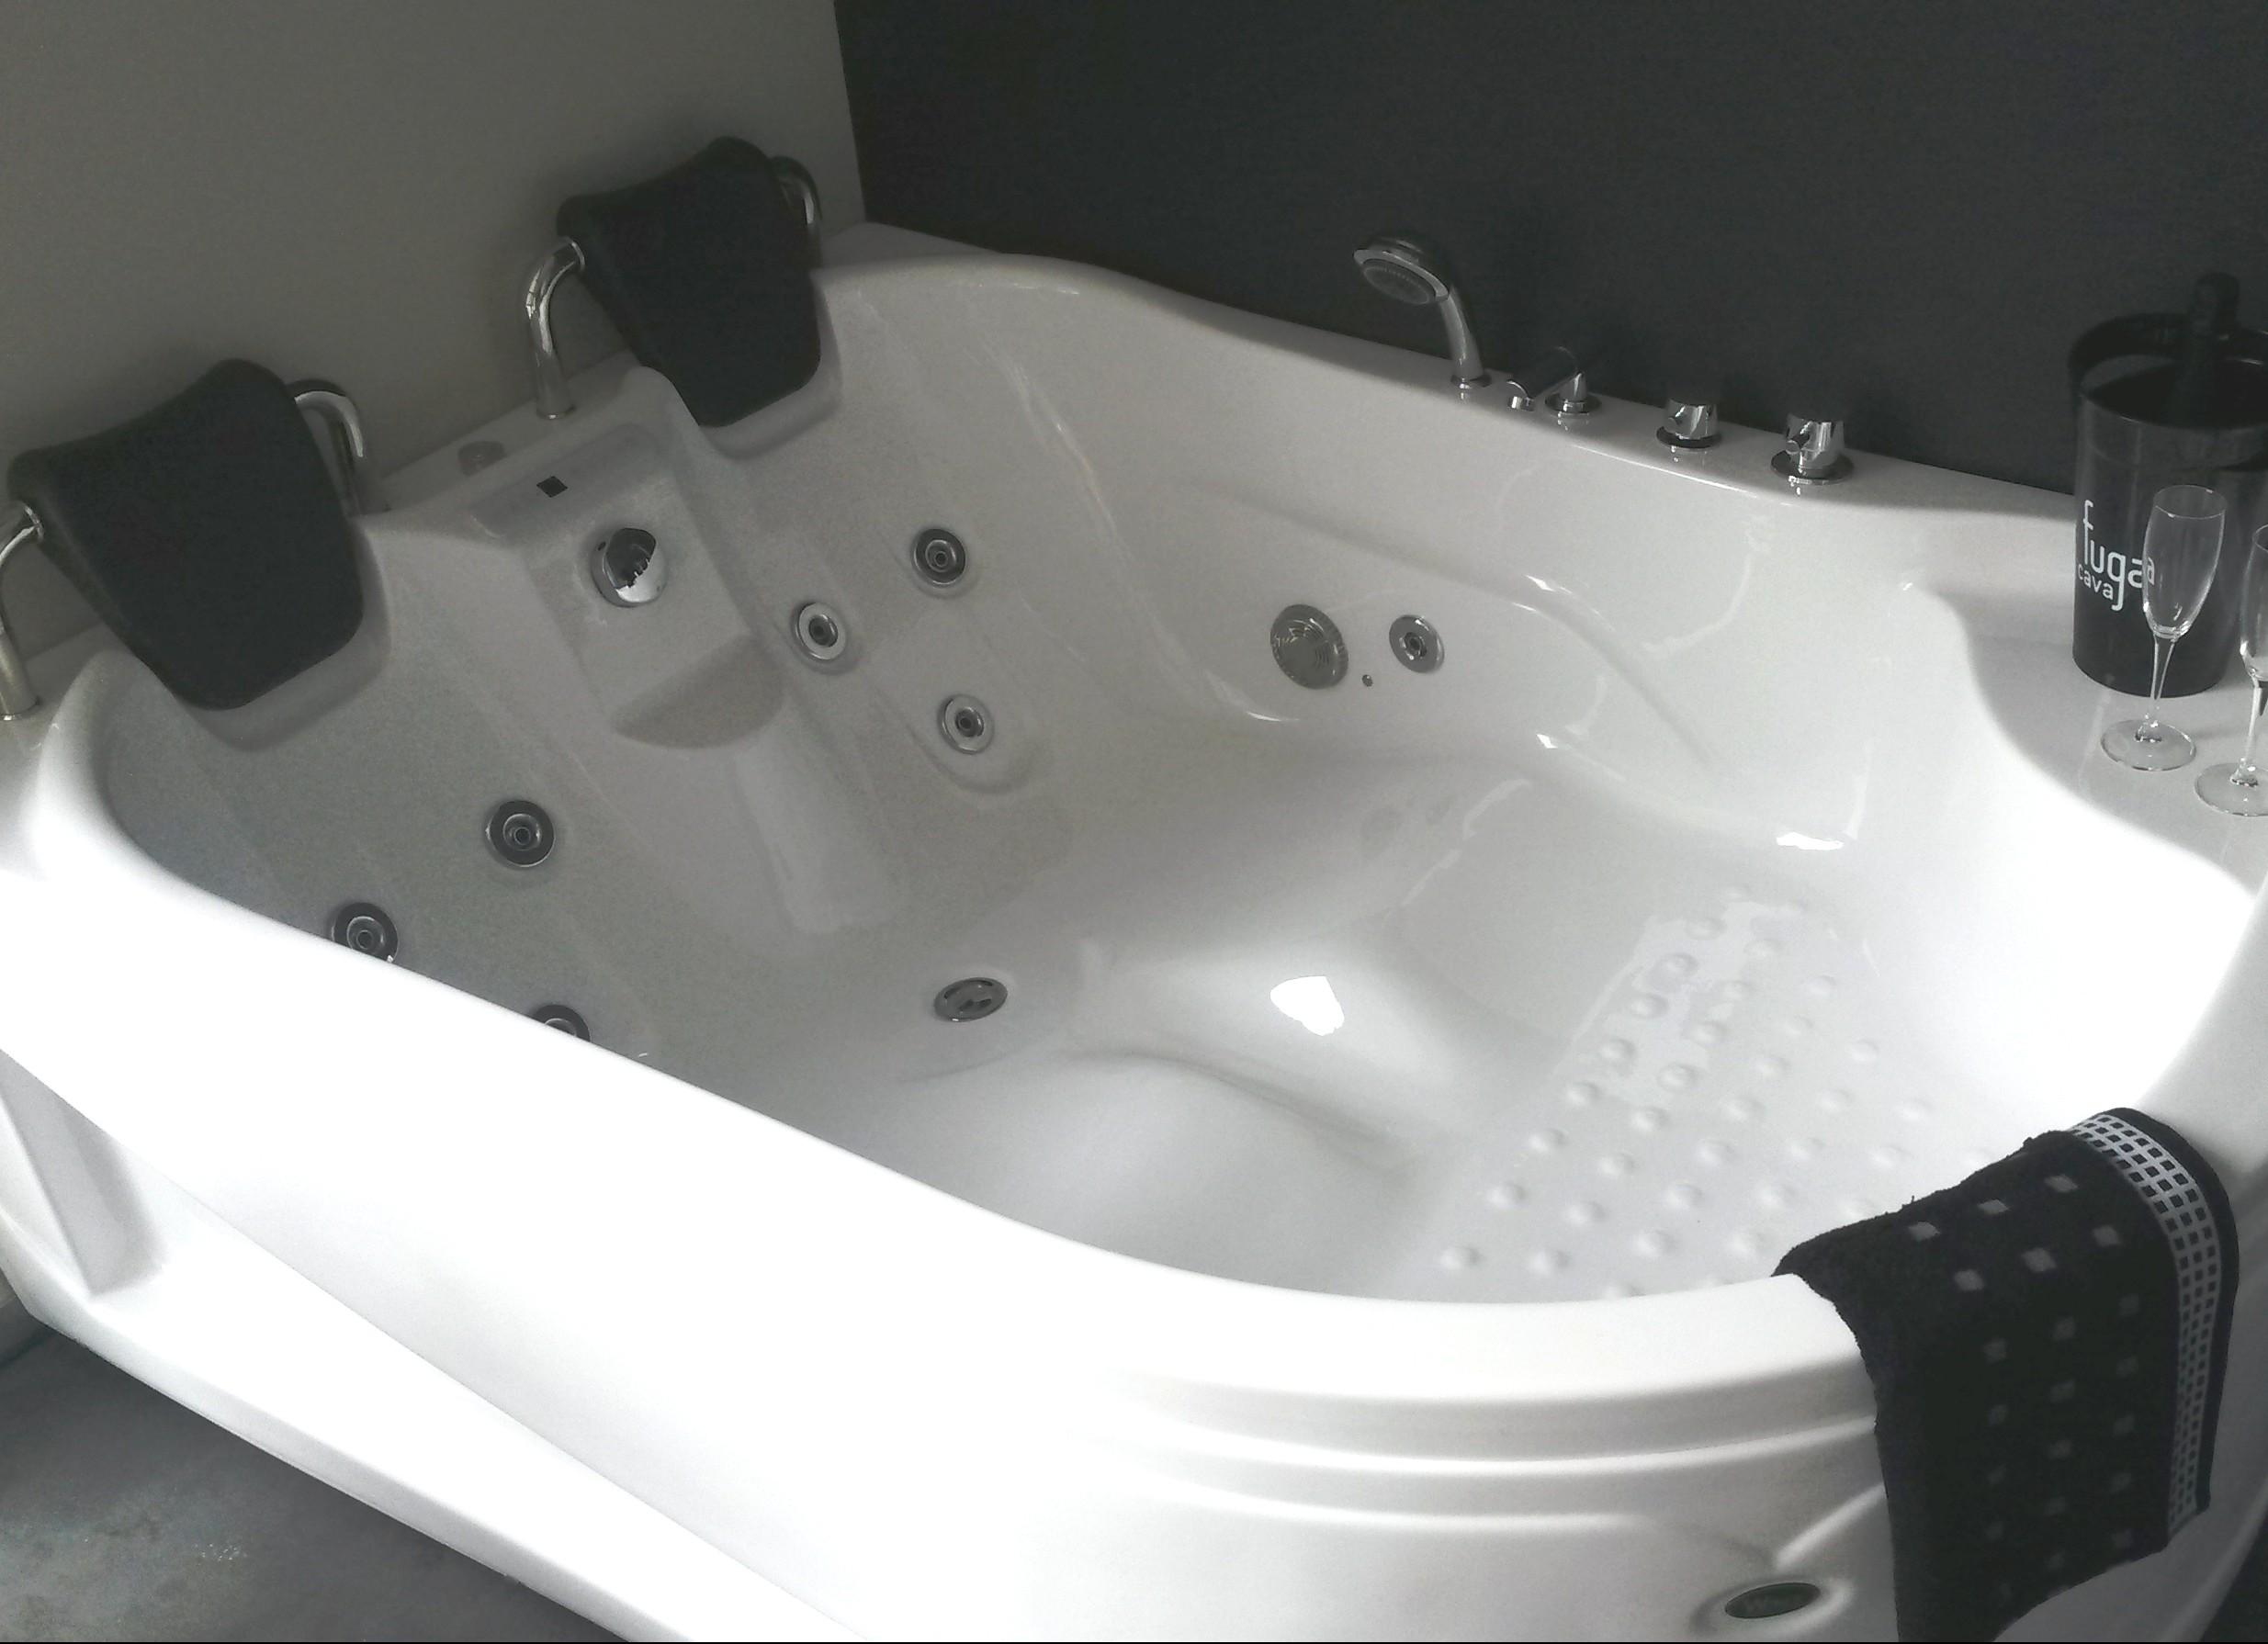 massagebad met ergonomische lighouding